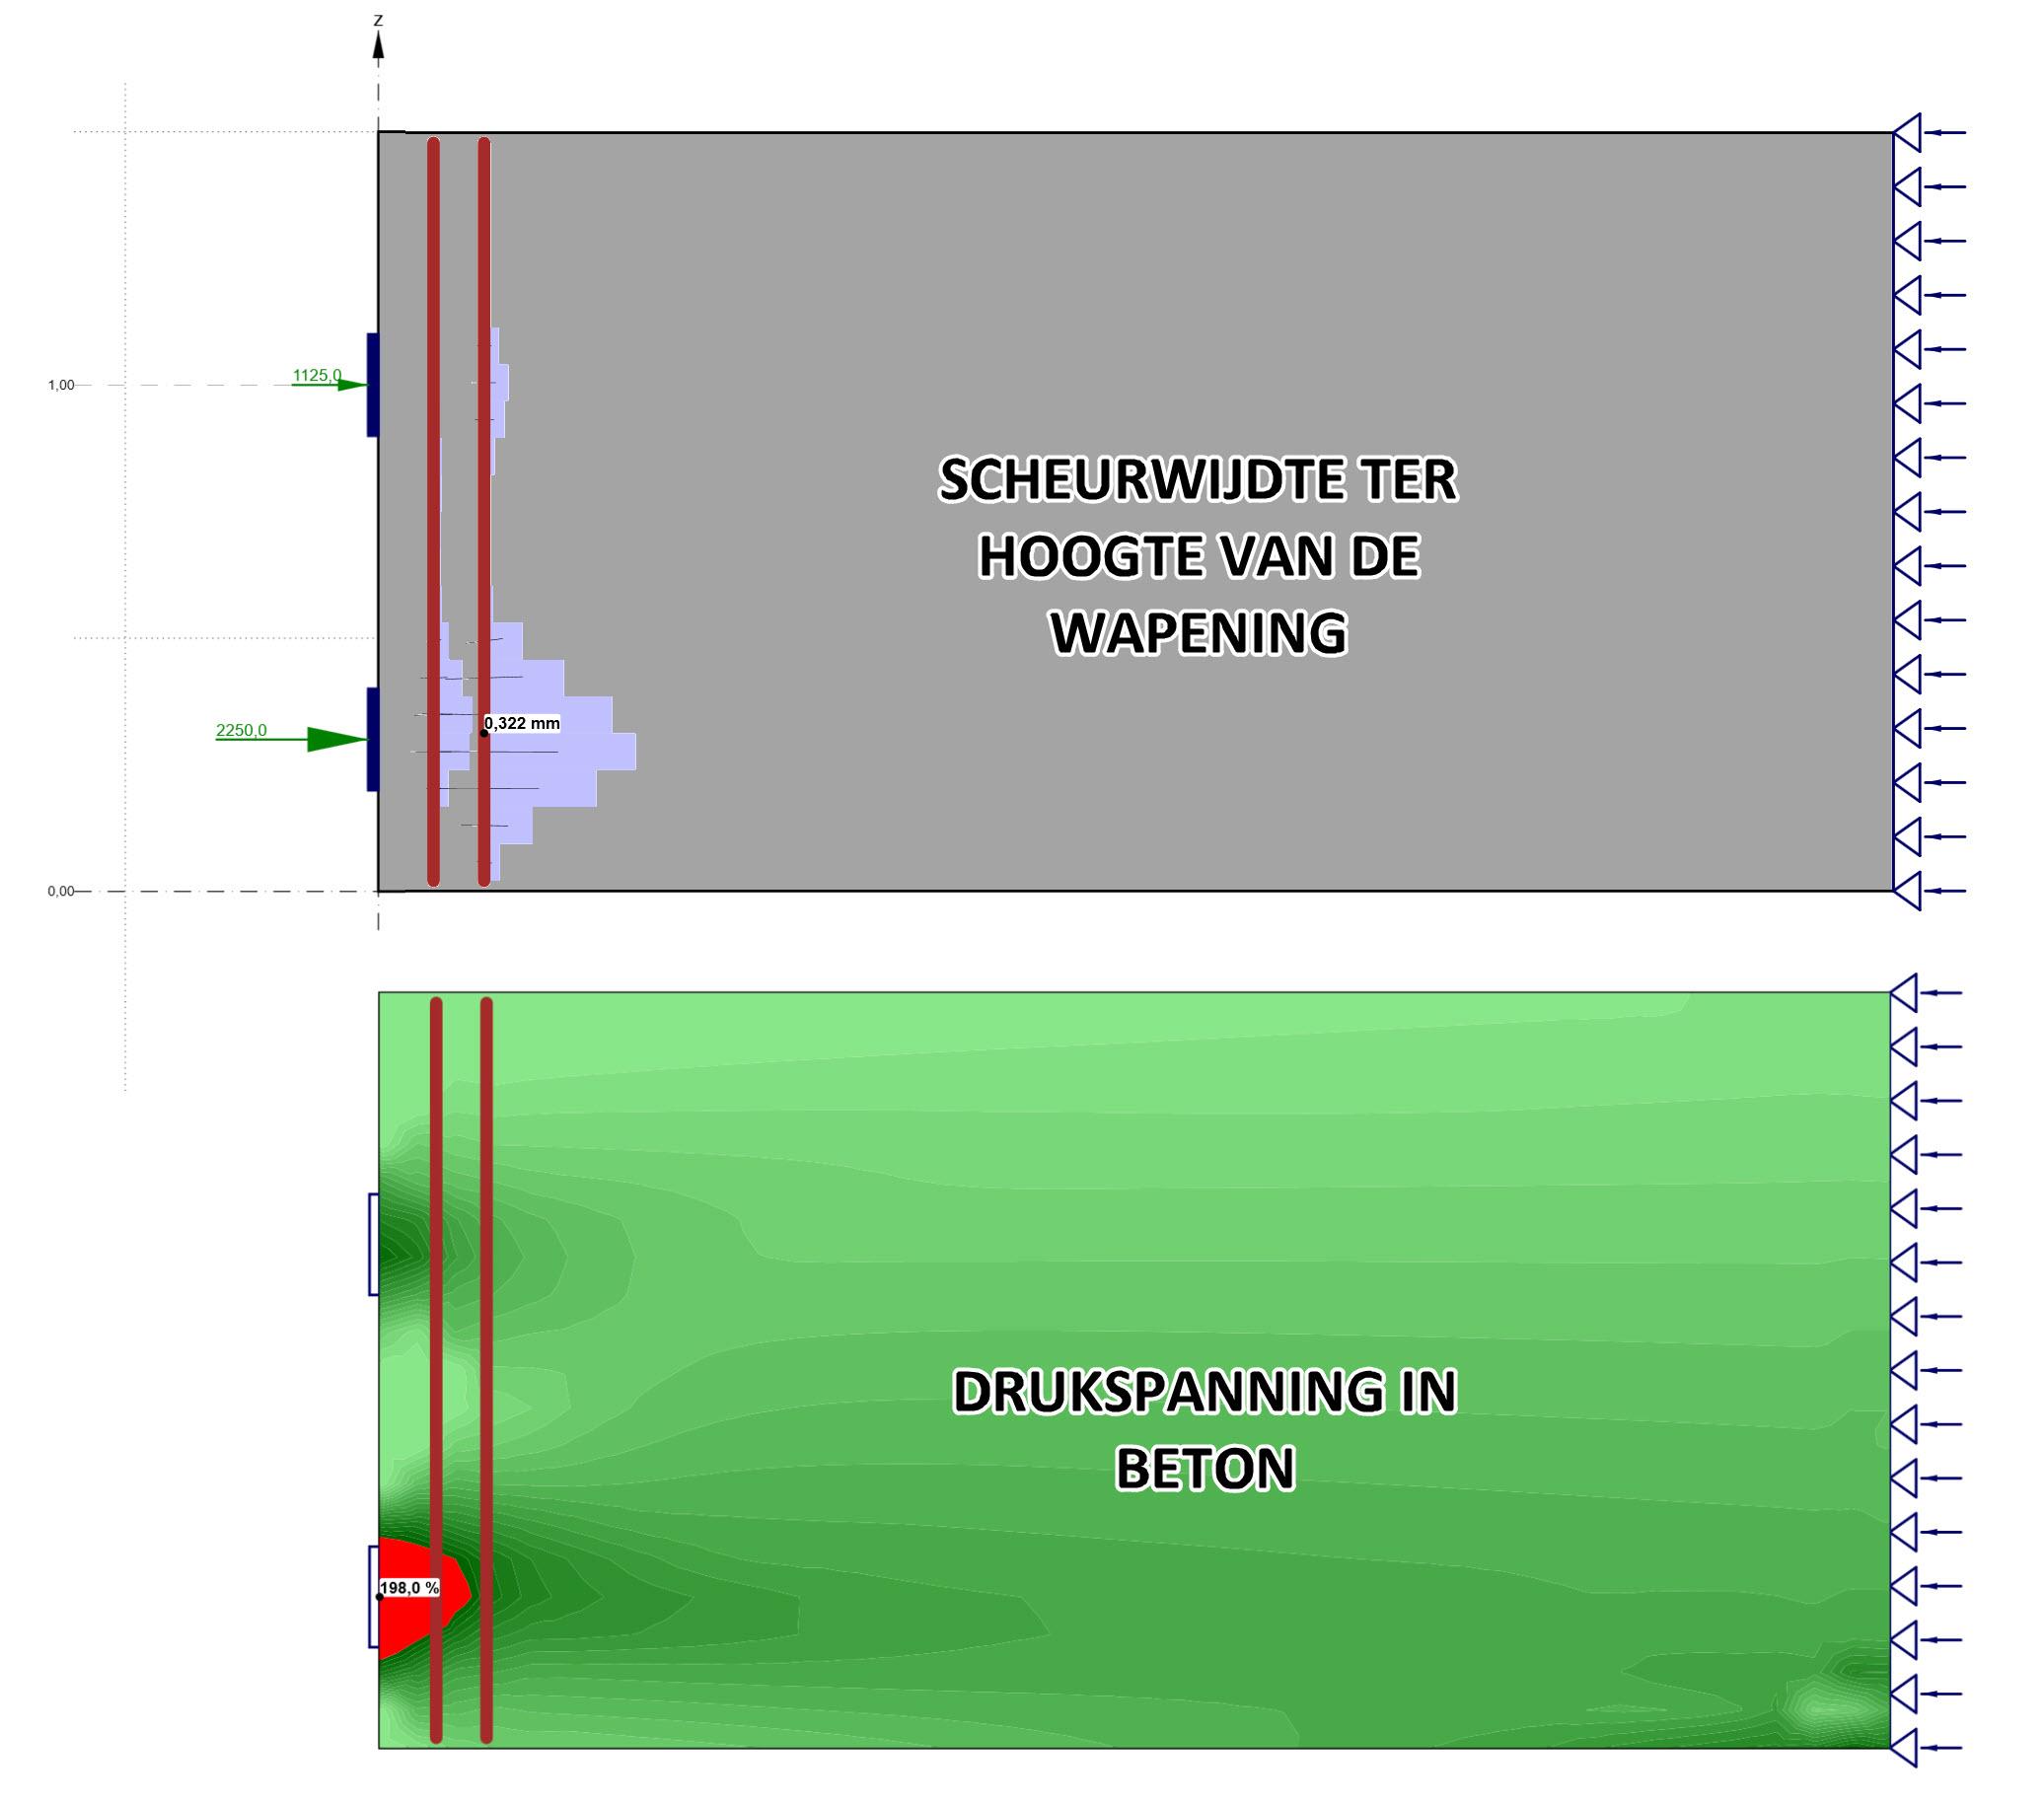 Drukspanning en scheurwijdte ter hoogte van de splijtwapening in voorgespannen beton